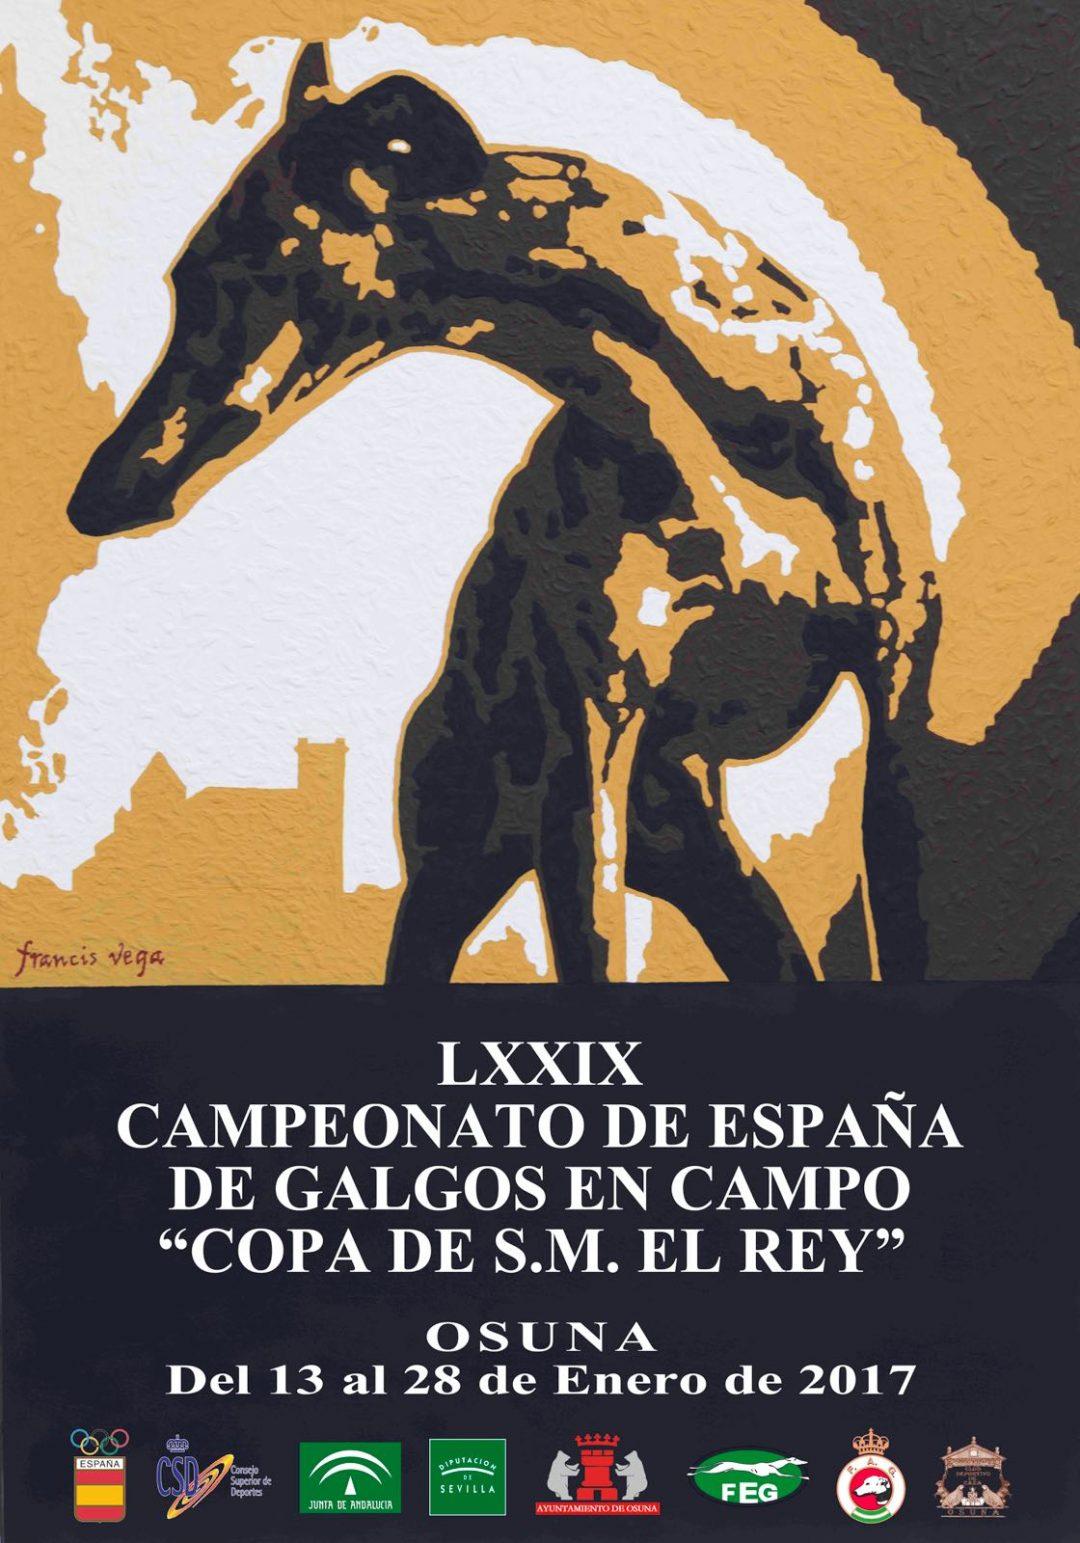 2017 Campeonato de España de galgos en campo Copa S. M. El Rey. Osuna